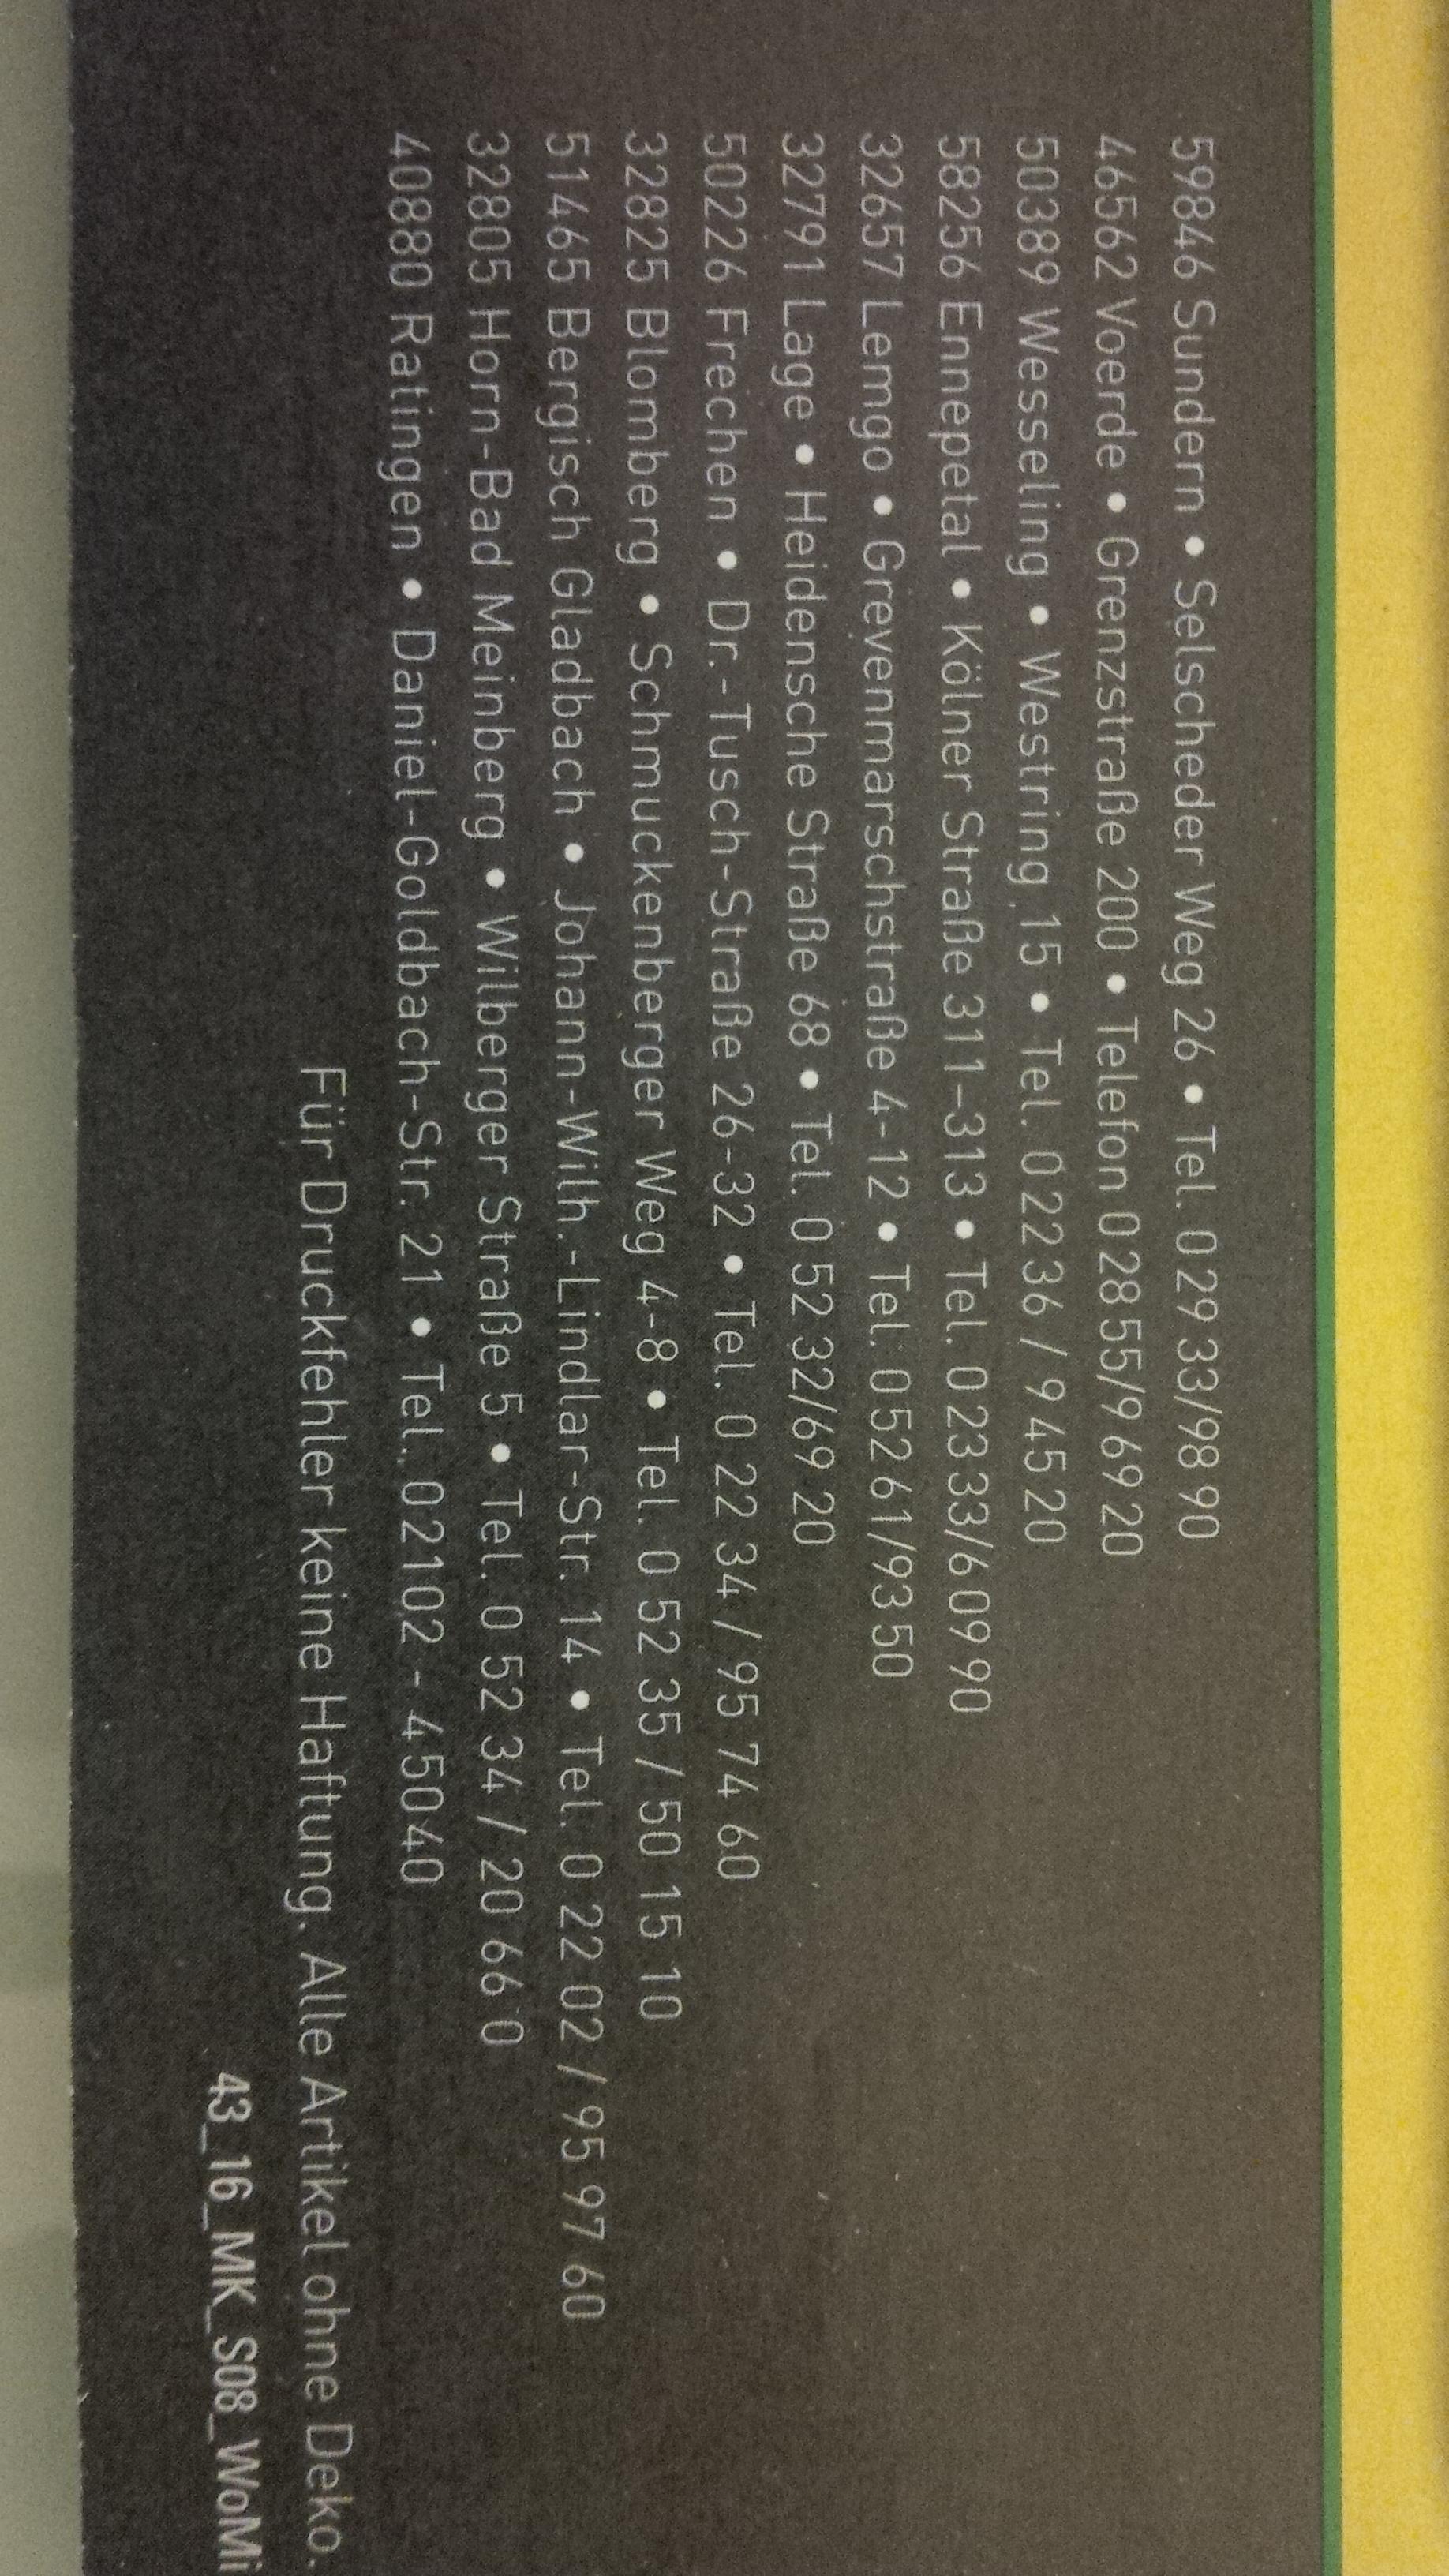 11654548-yA6eP.jpg